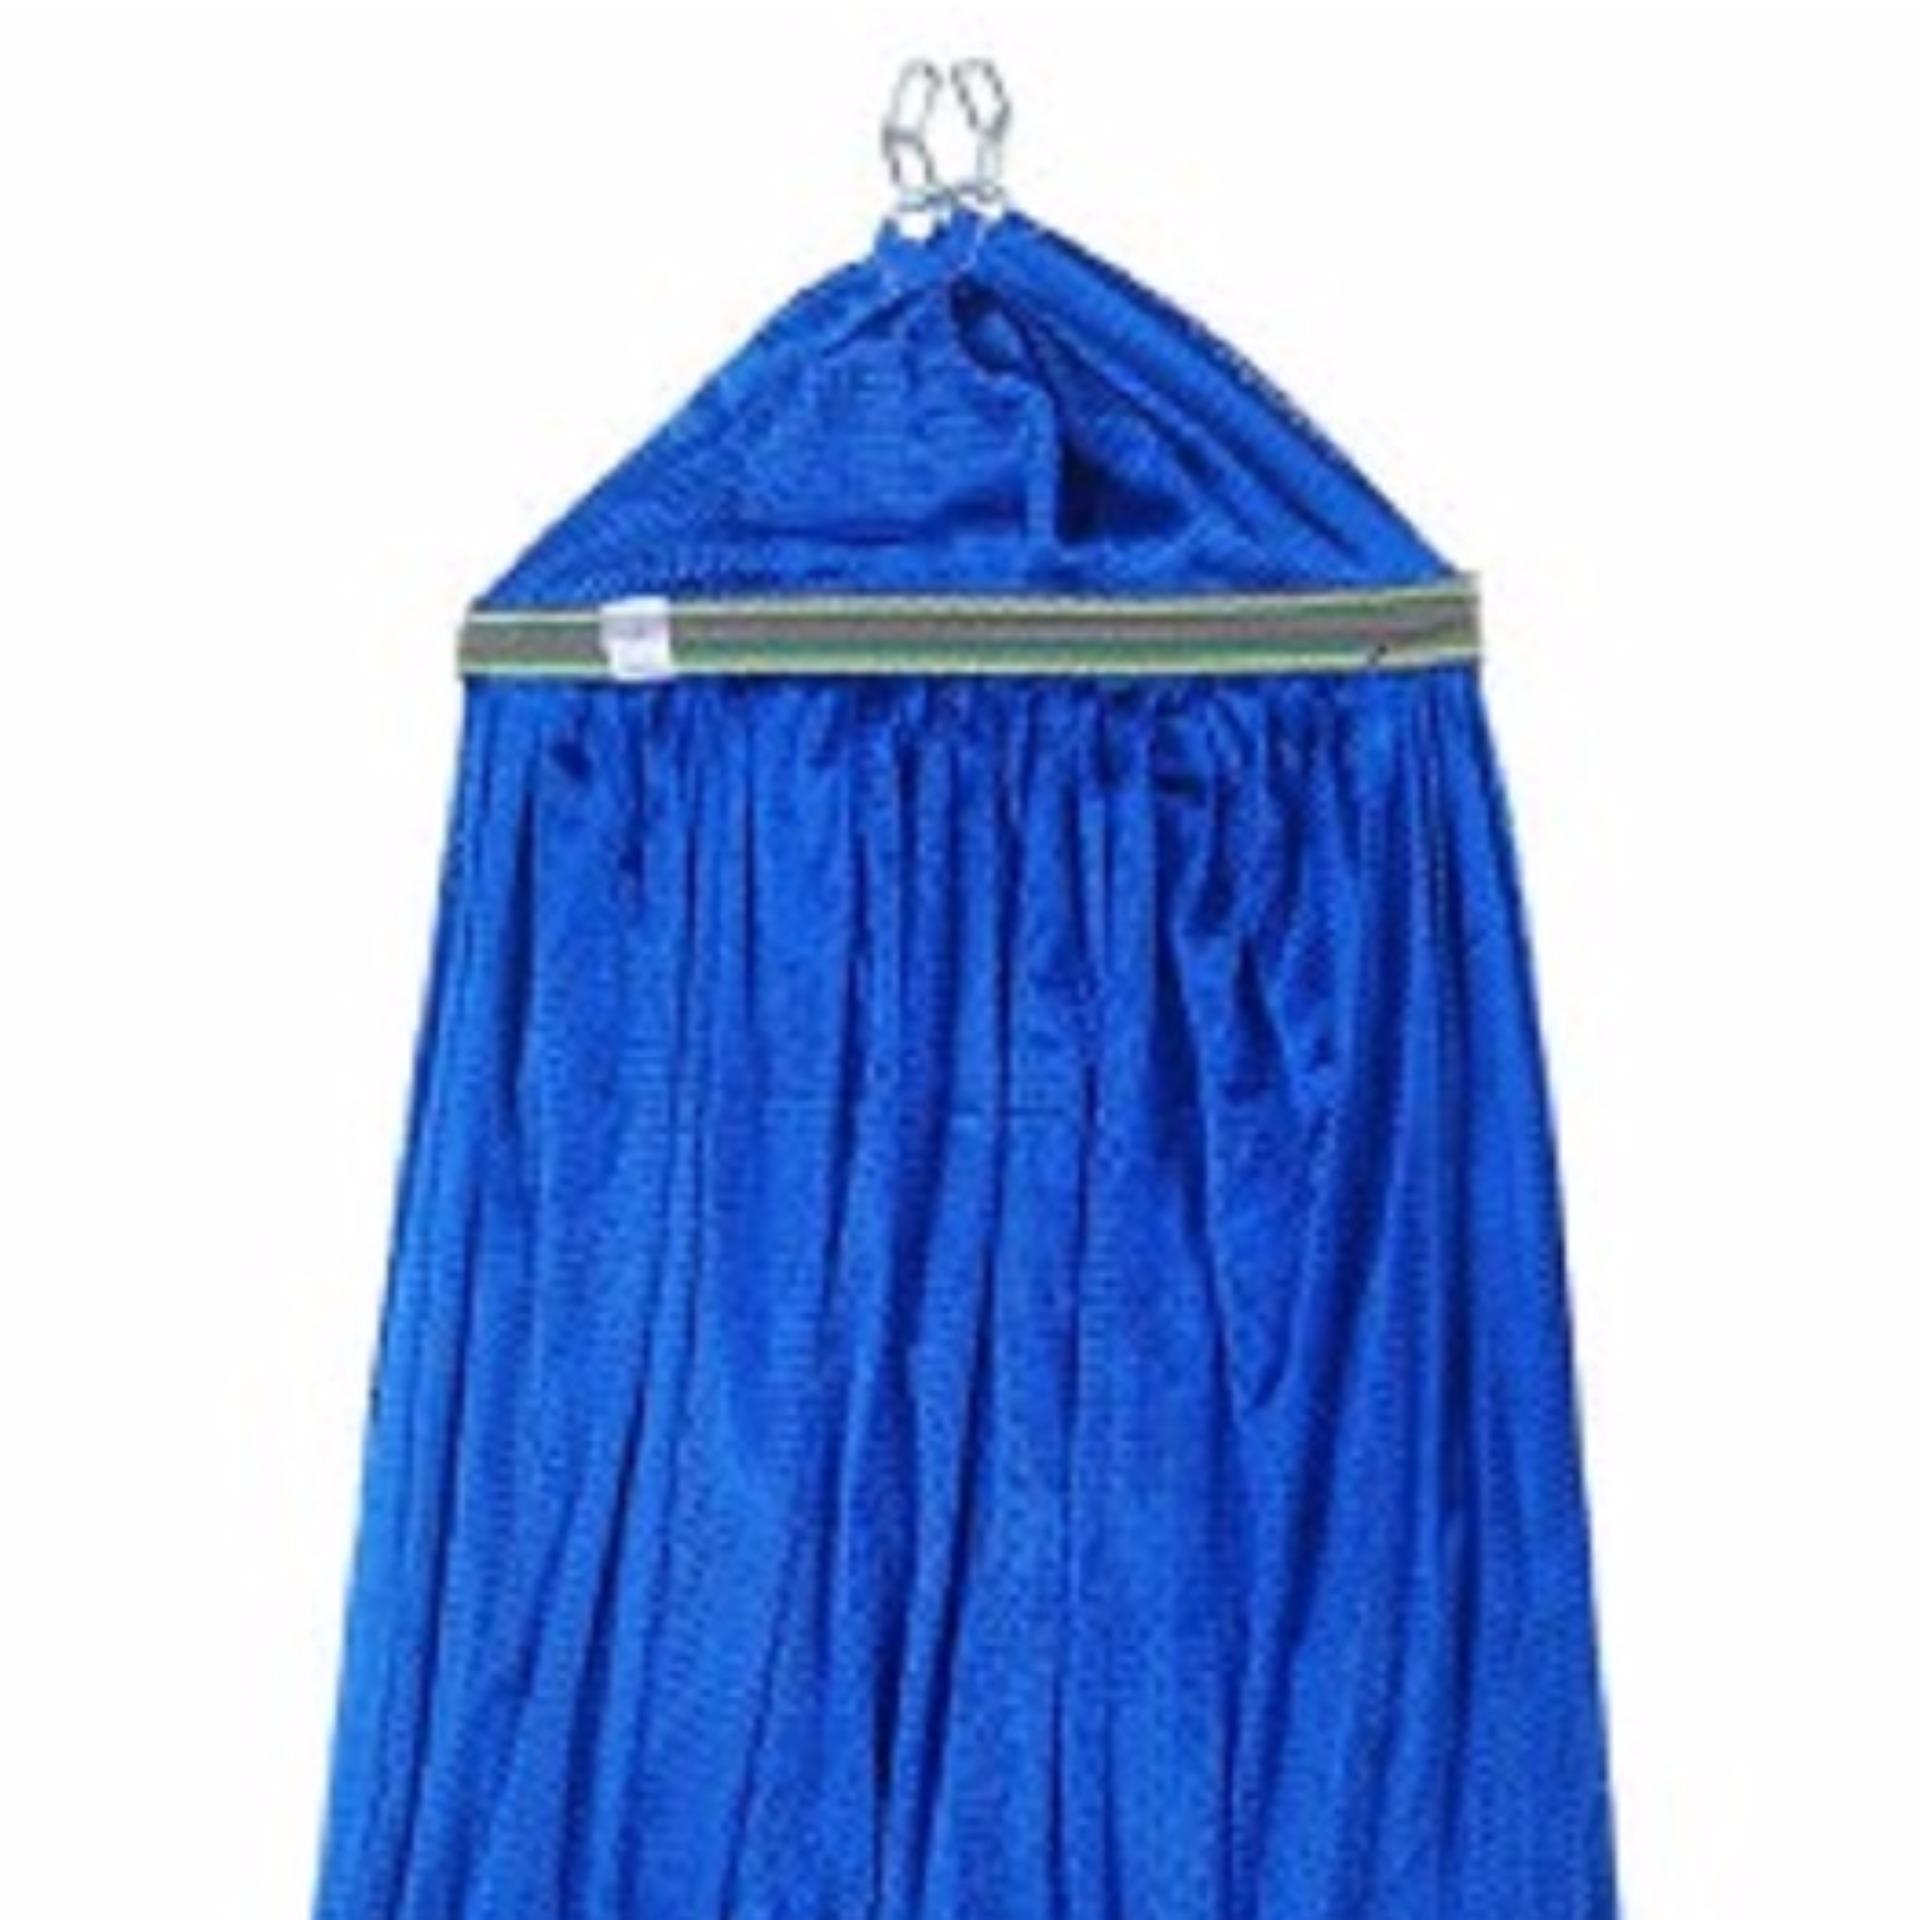 Lưới Võng Cán Thép 50cm màu xanh dương